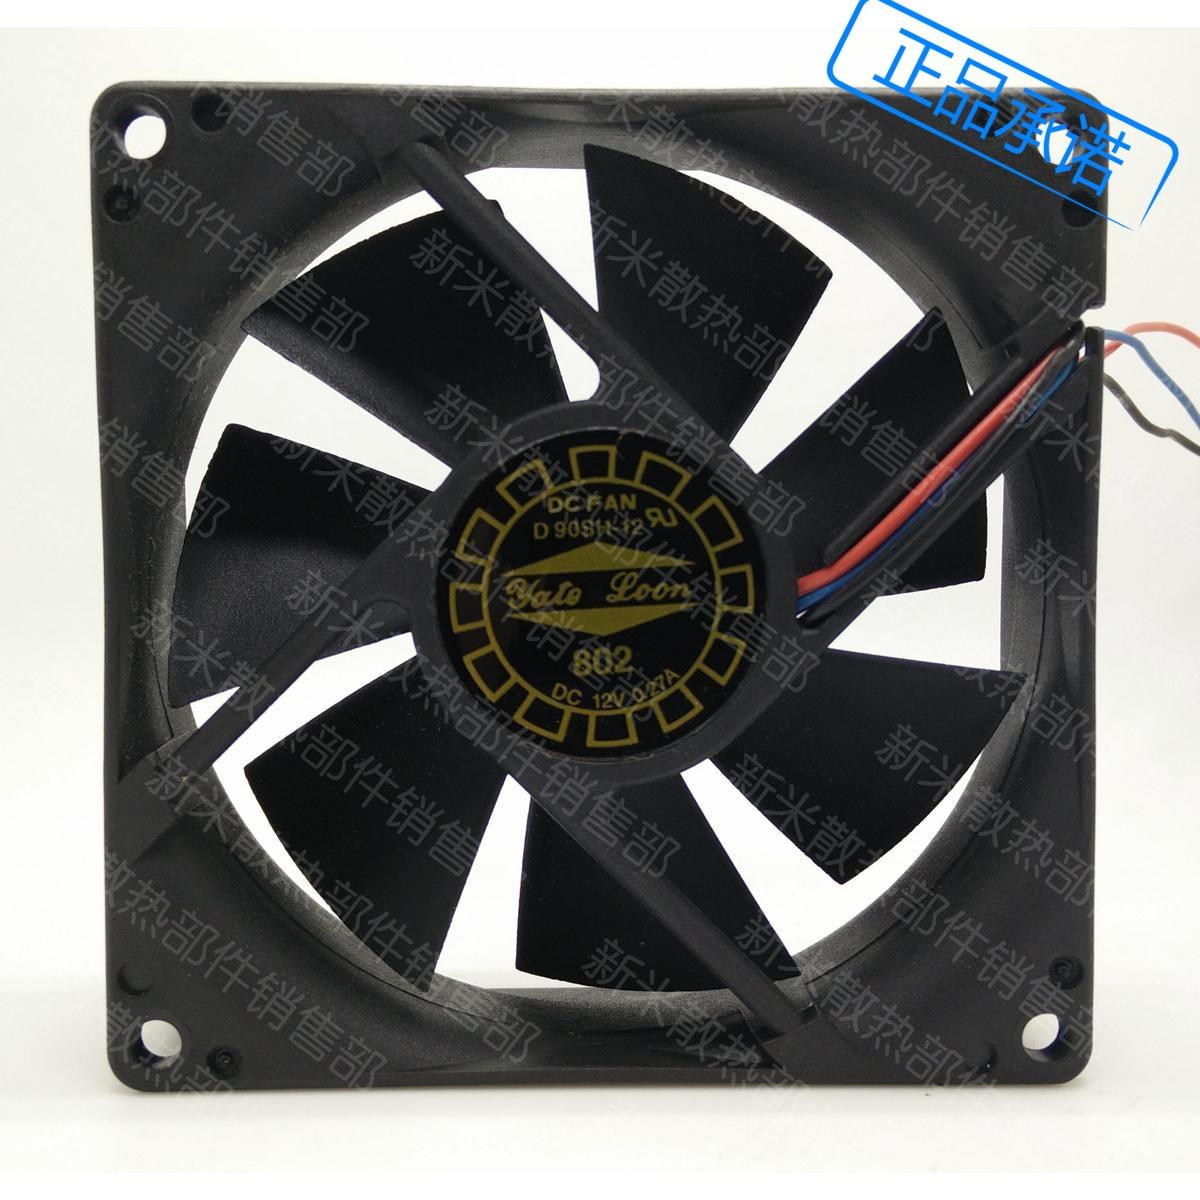 Ventilador de refrigeración yate loon 9025 12 V D90SH-12 a 3 líneas ATX